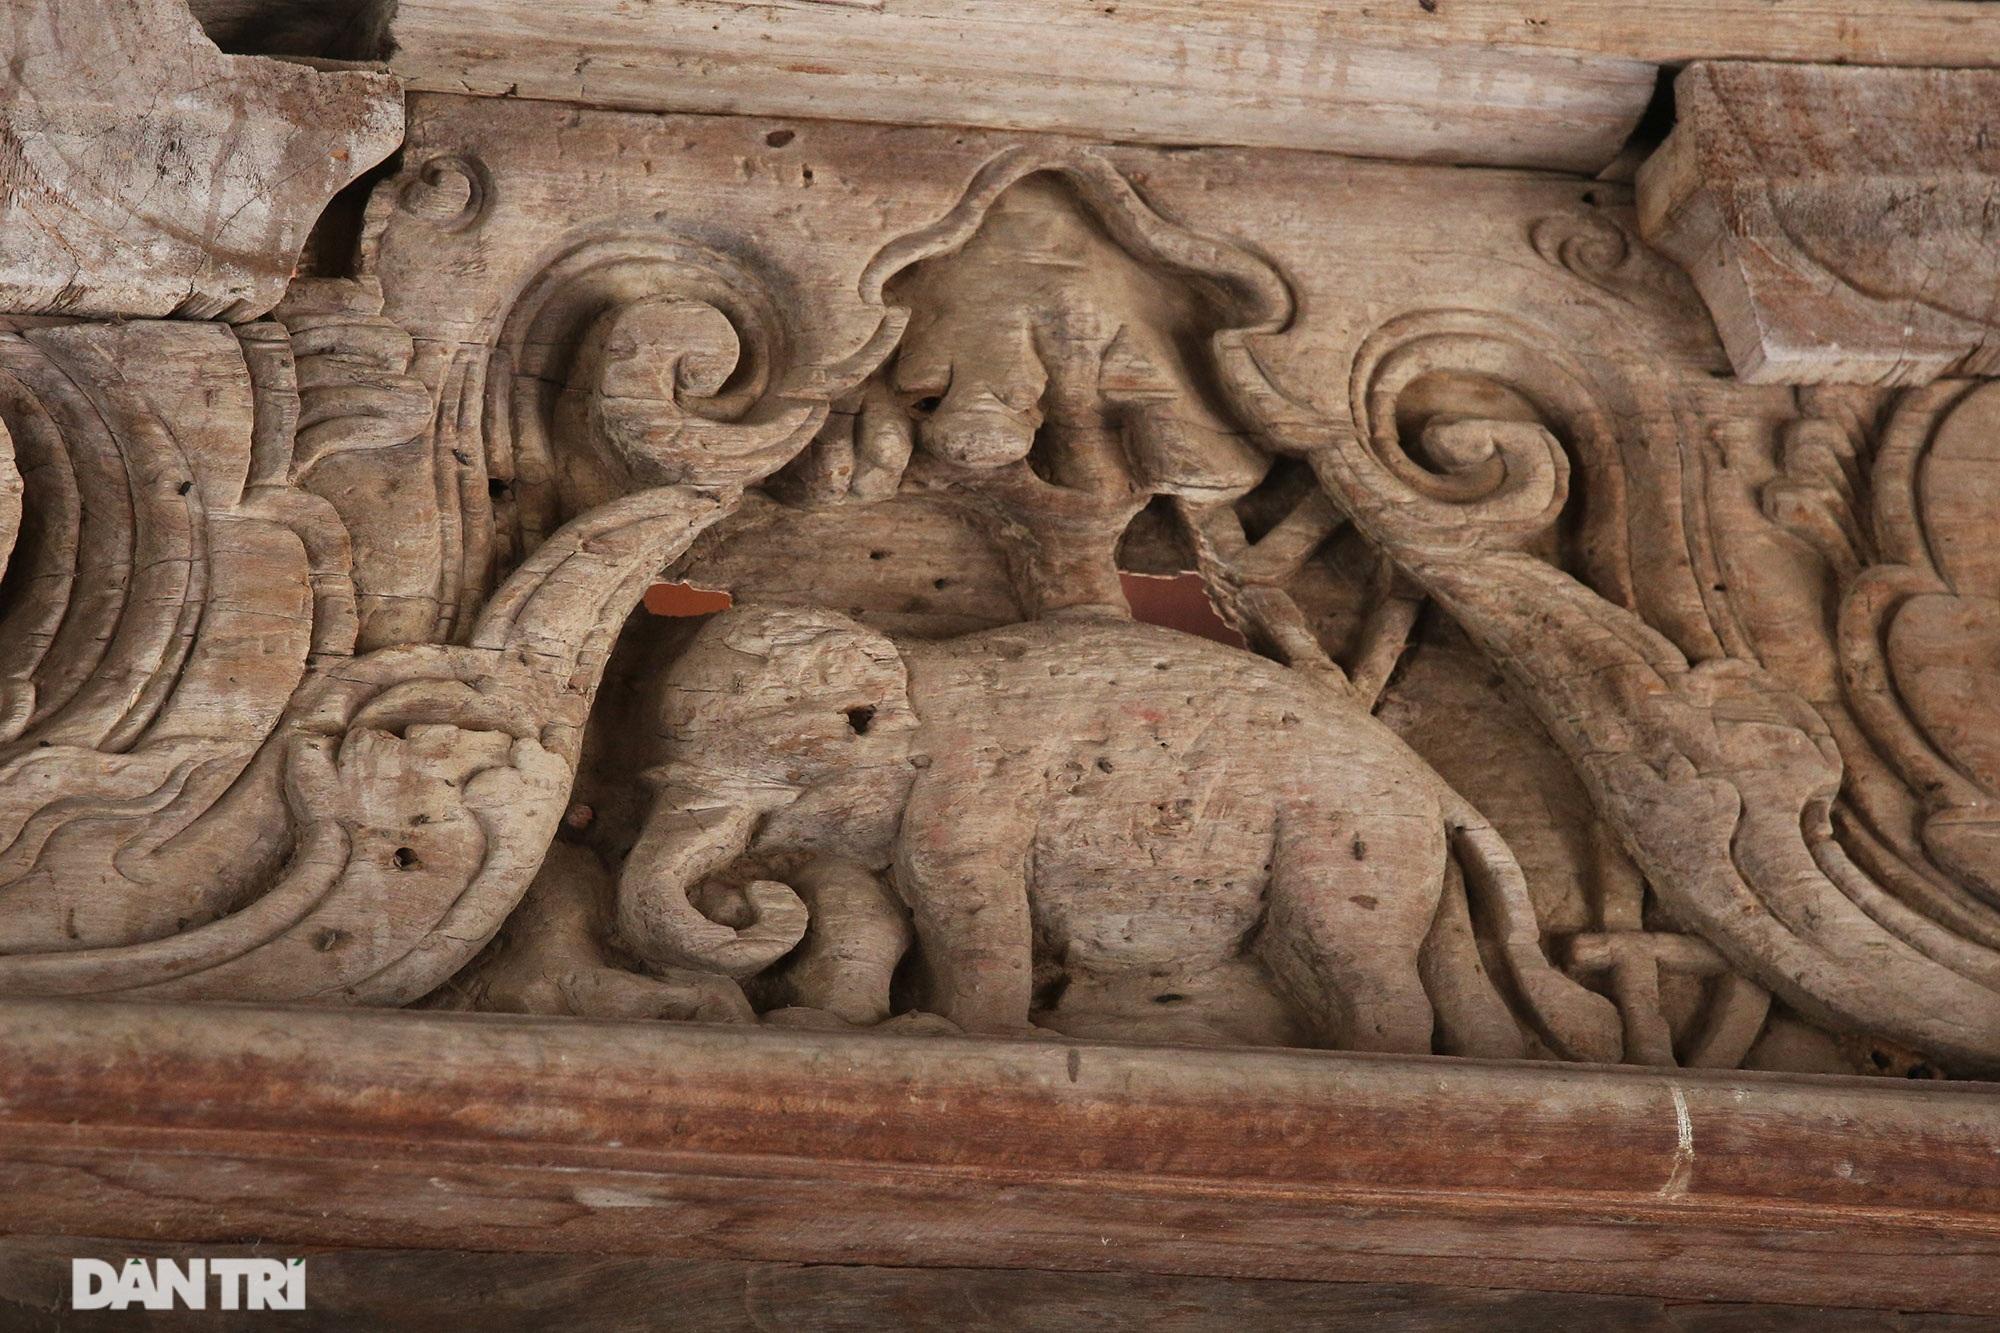 Chiêm ngưỡng tuyệt tác chạm khắc hơn 400 năm tuổi tại Hà Nội - 6